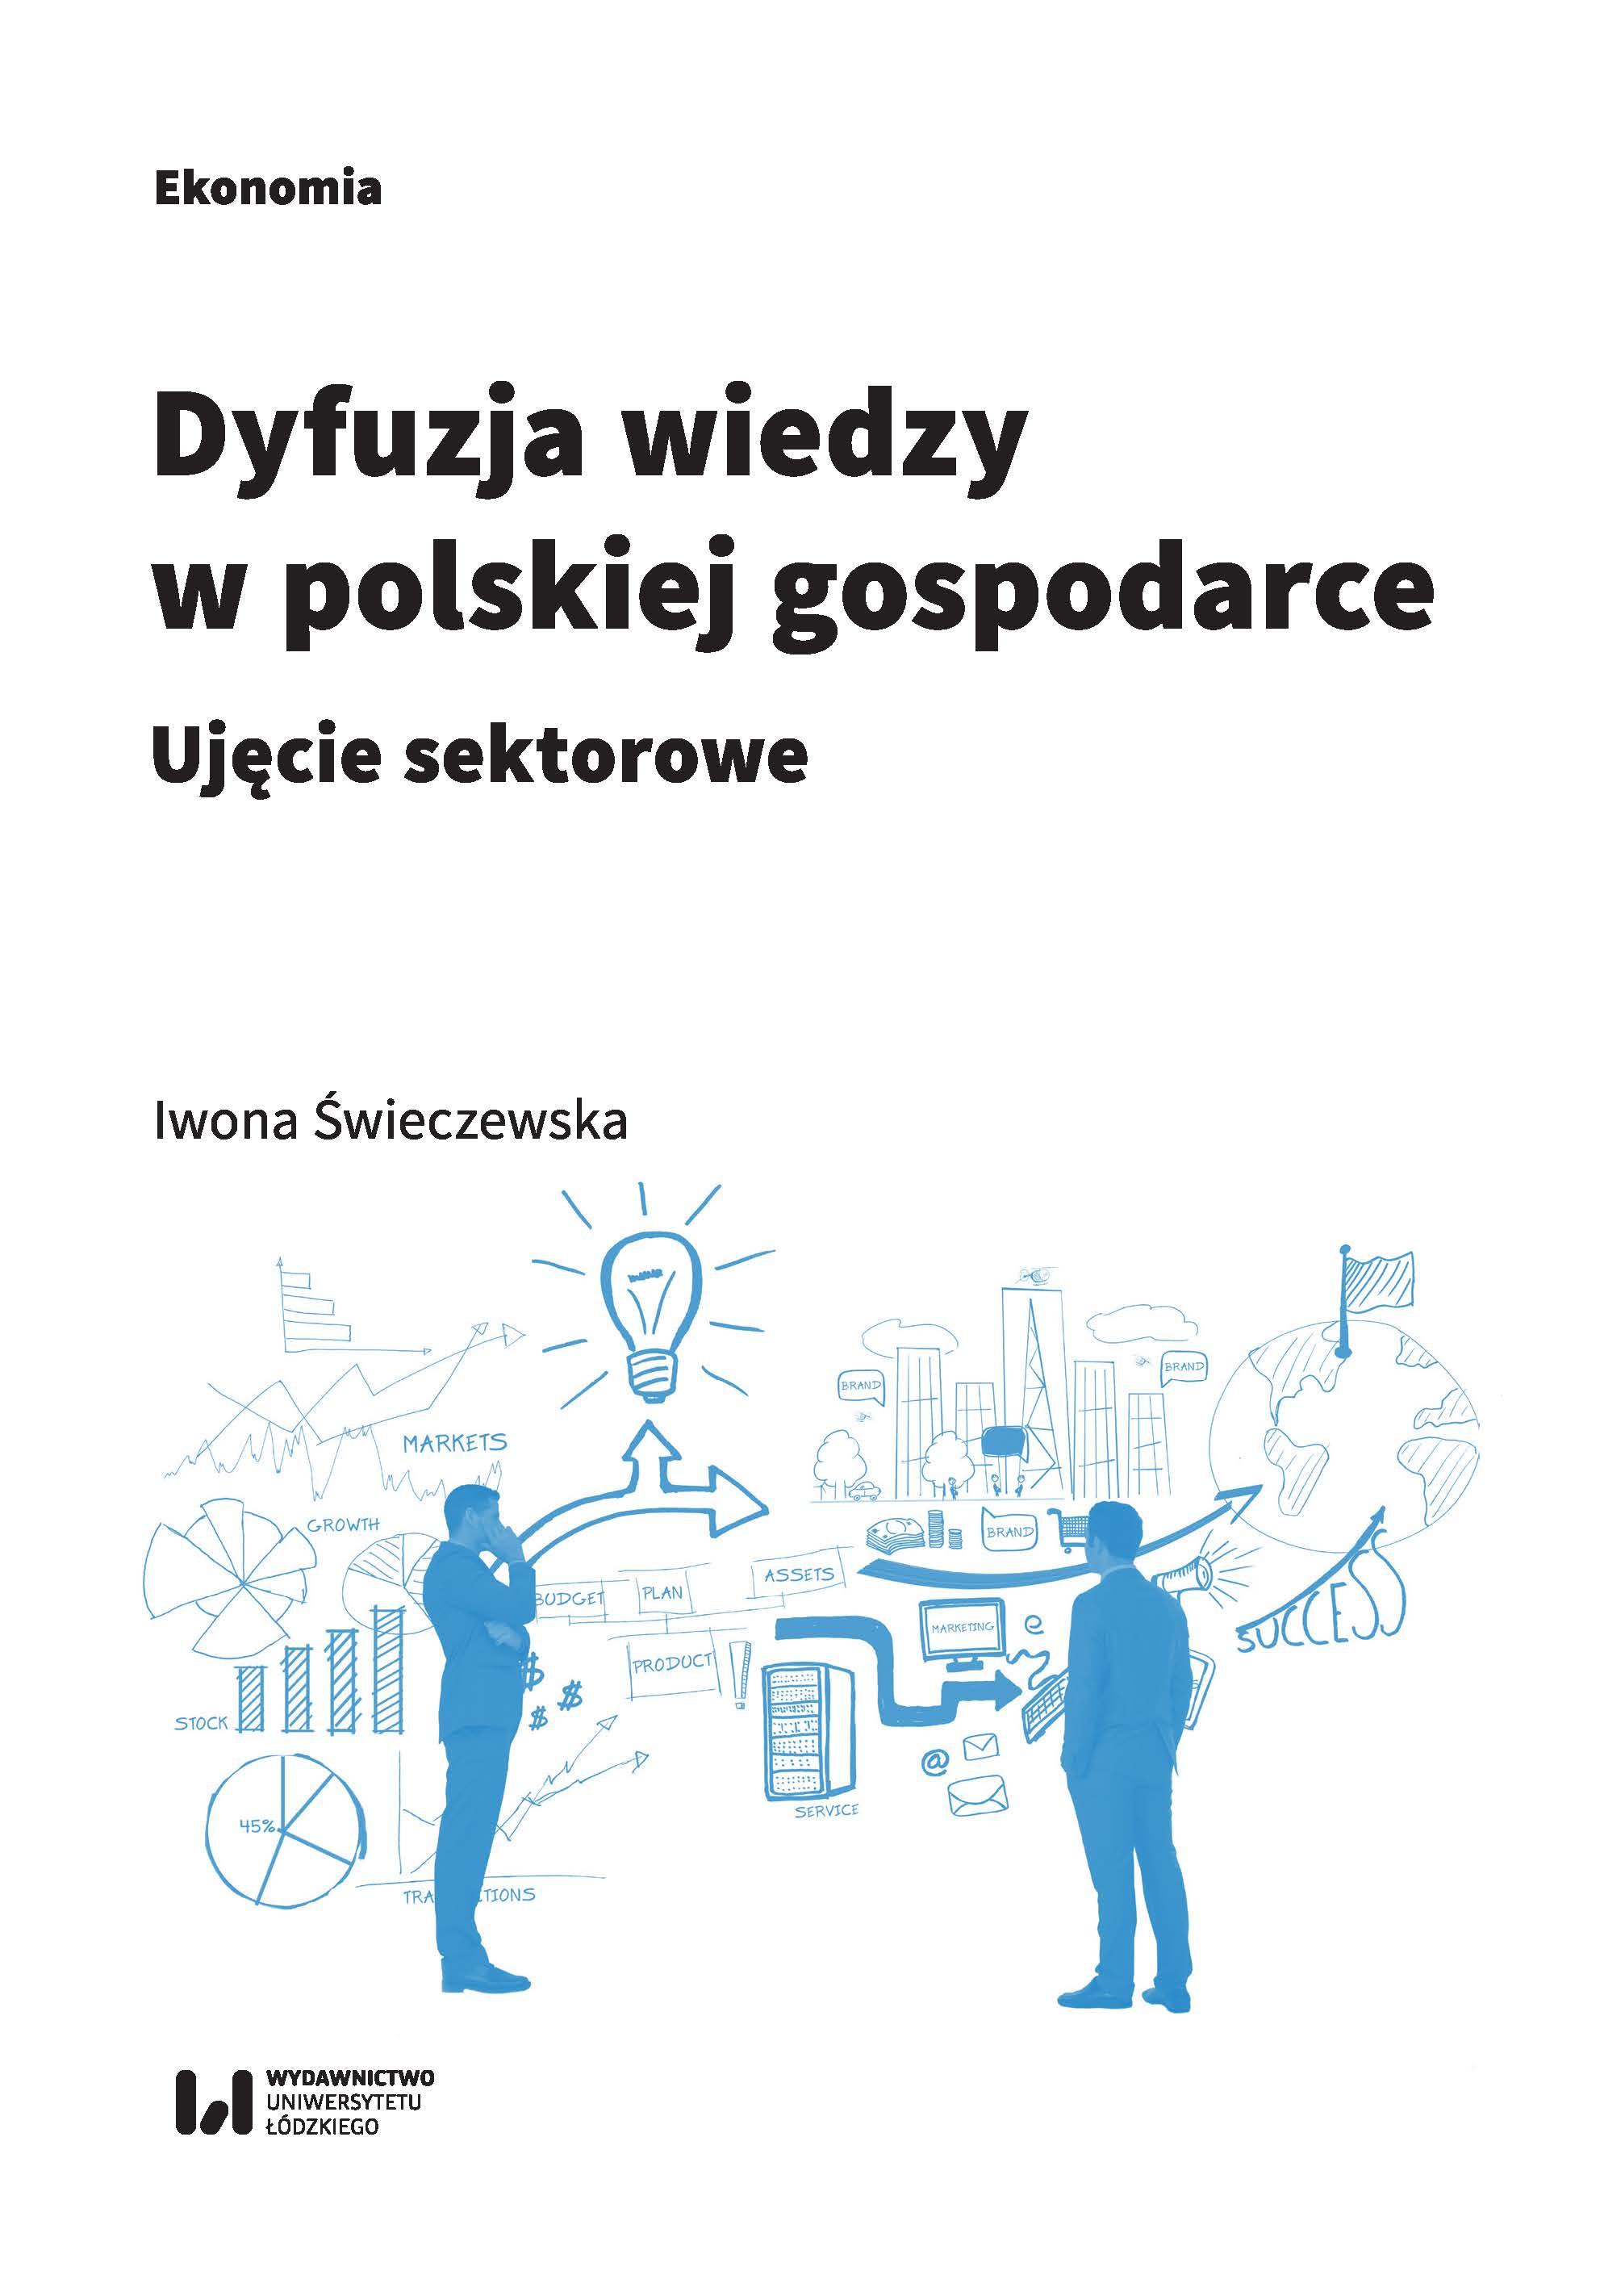 Wiedzę do gospodarki polskiej trzeba sprowadzać